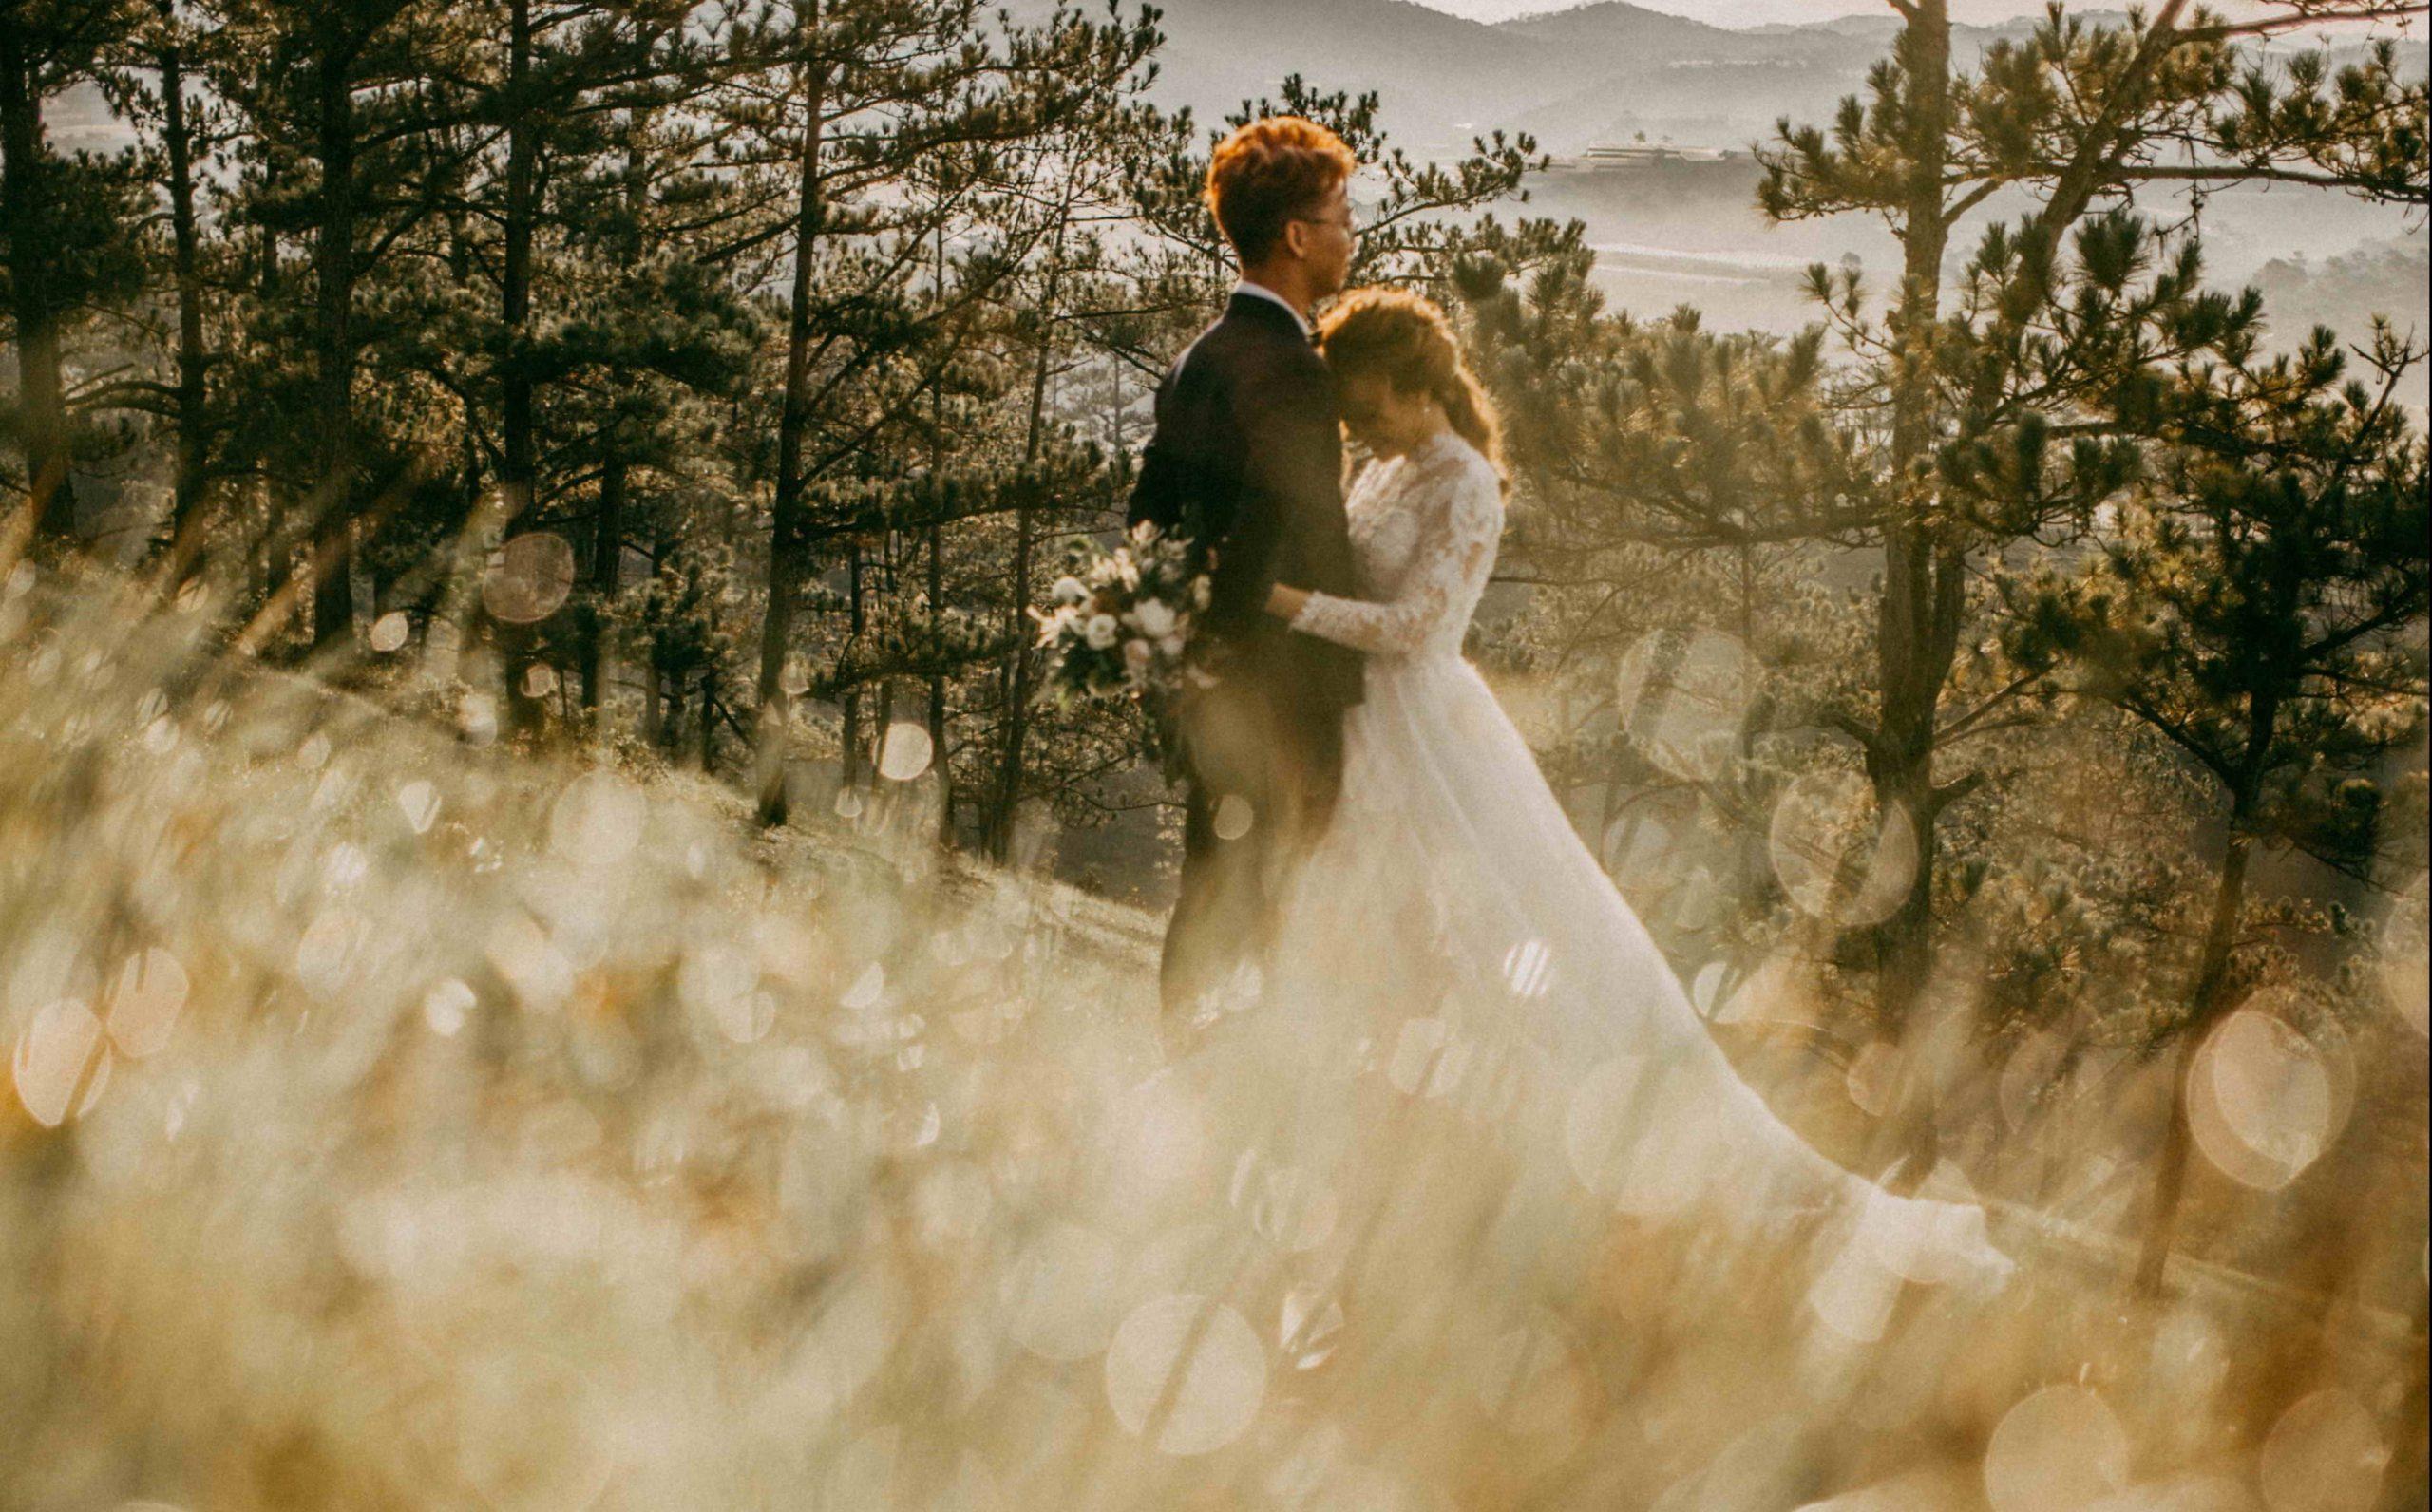 Bật mí 7 tư thế và cách tạo dáng đẹp khi chụp ảnh cưới4